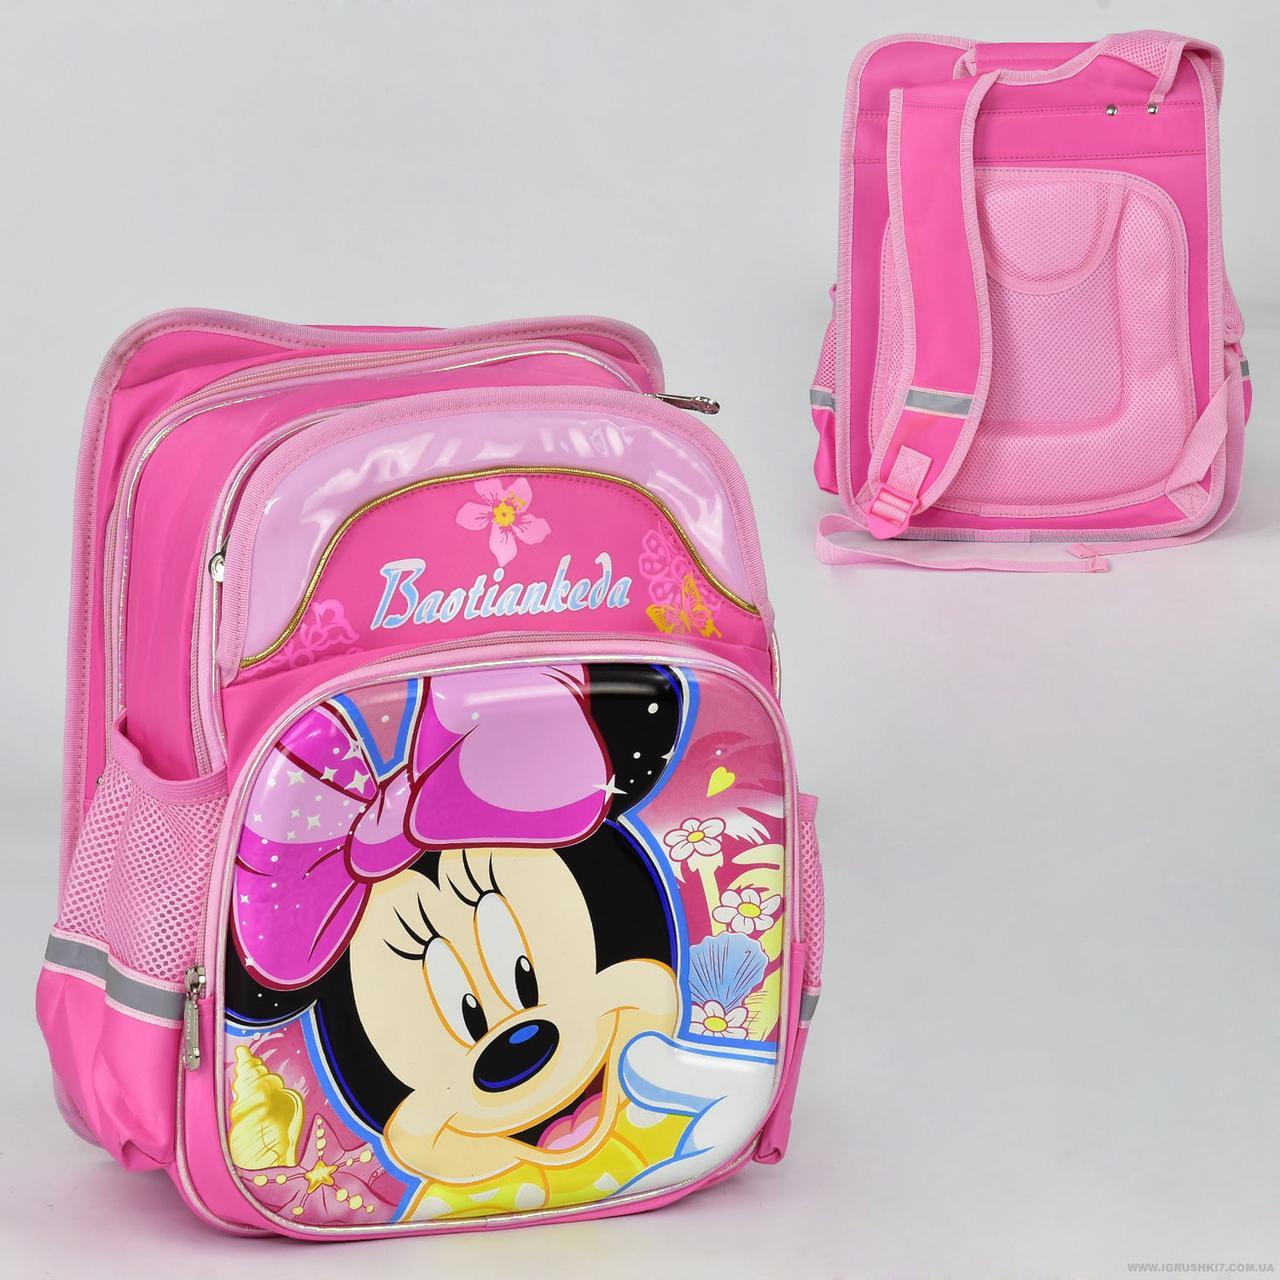 Рюкзак школьный N 00203, 2 отделения, 4 кармана, ортопедическая спинка